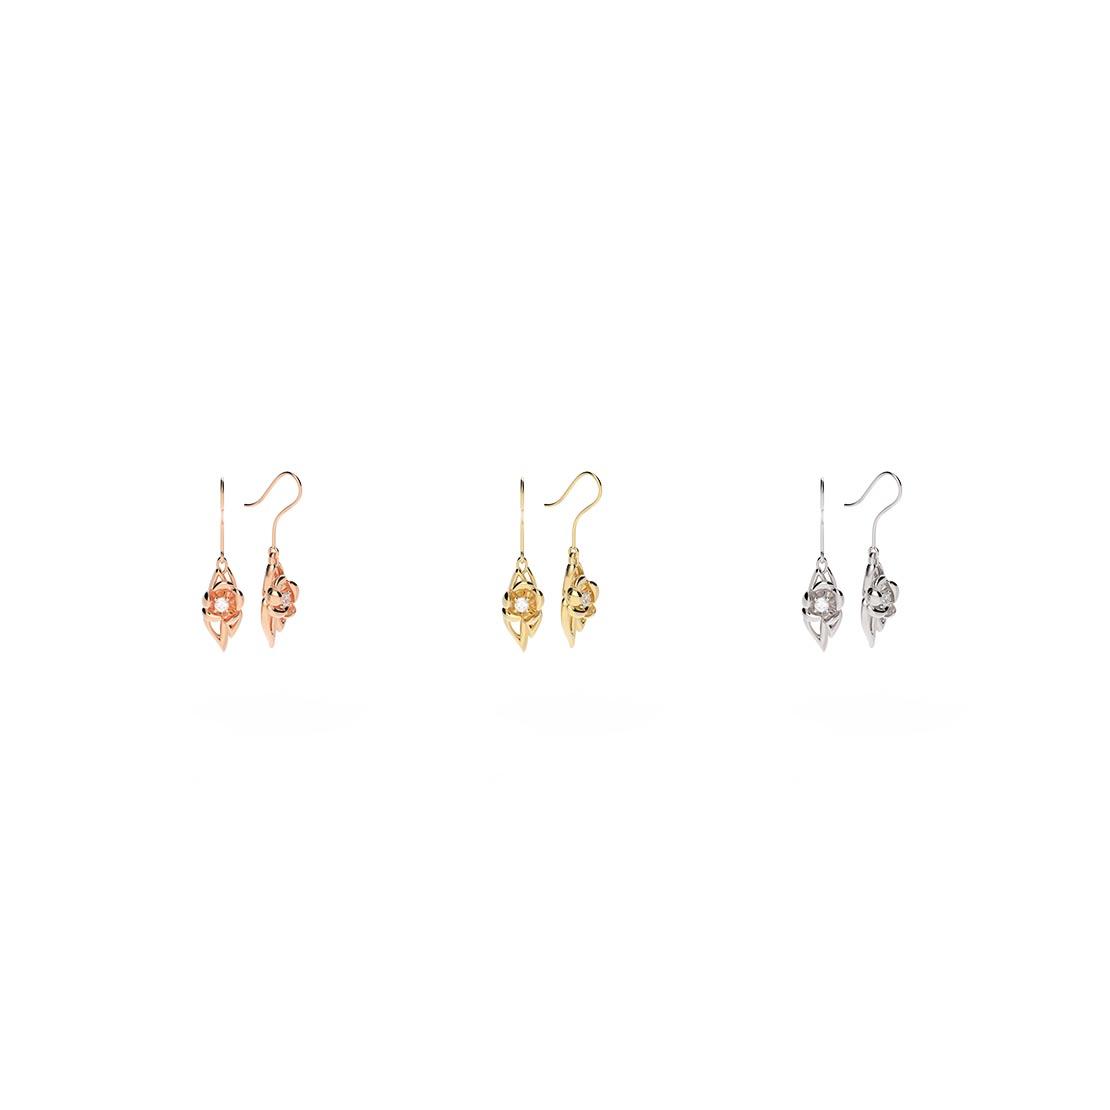 KAMPUSCH Earrings